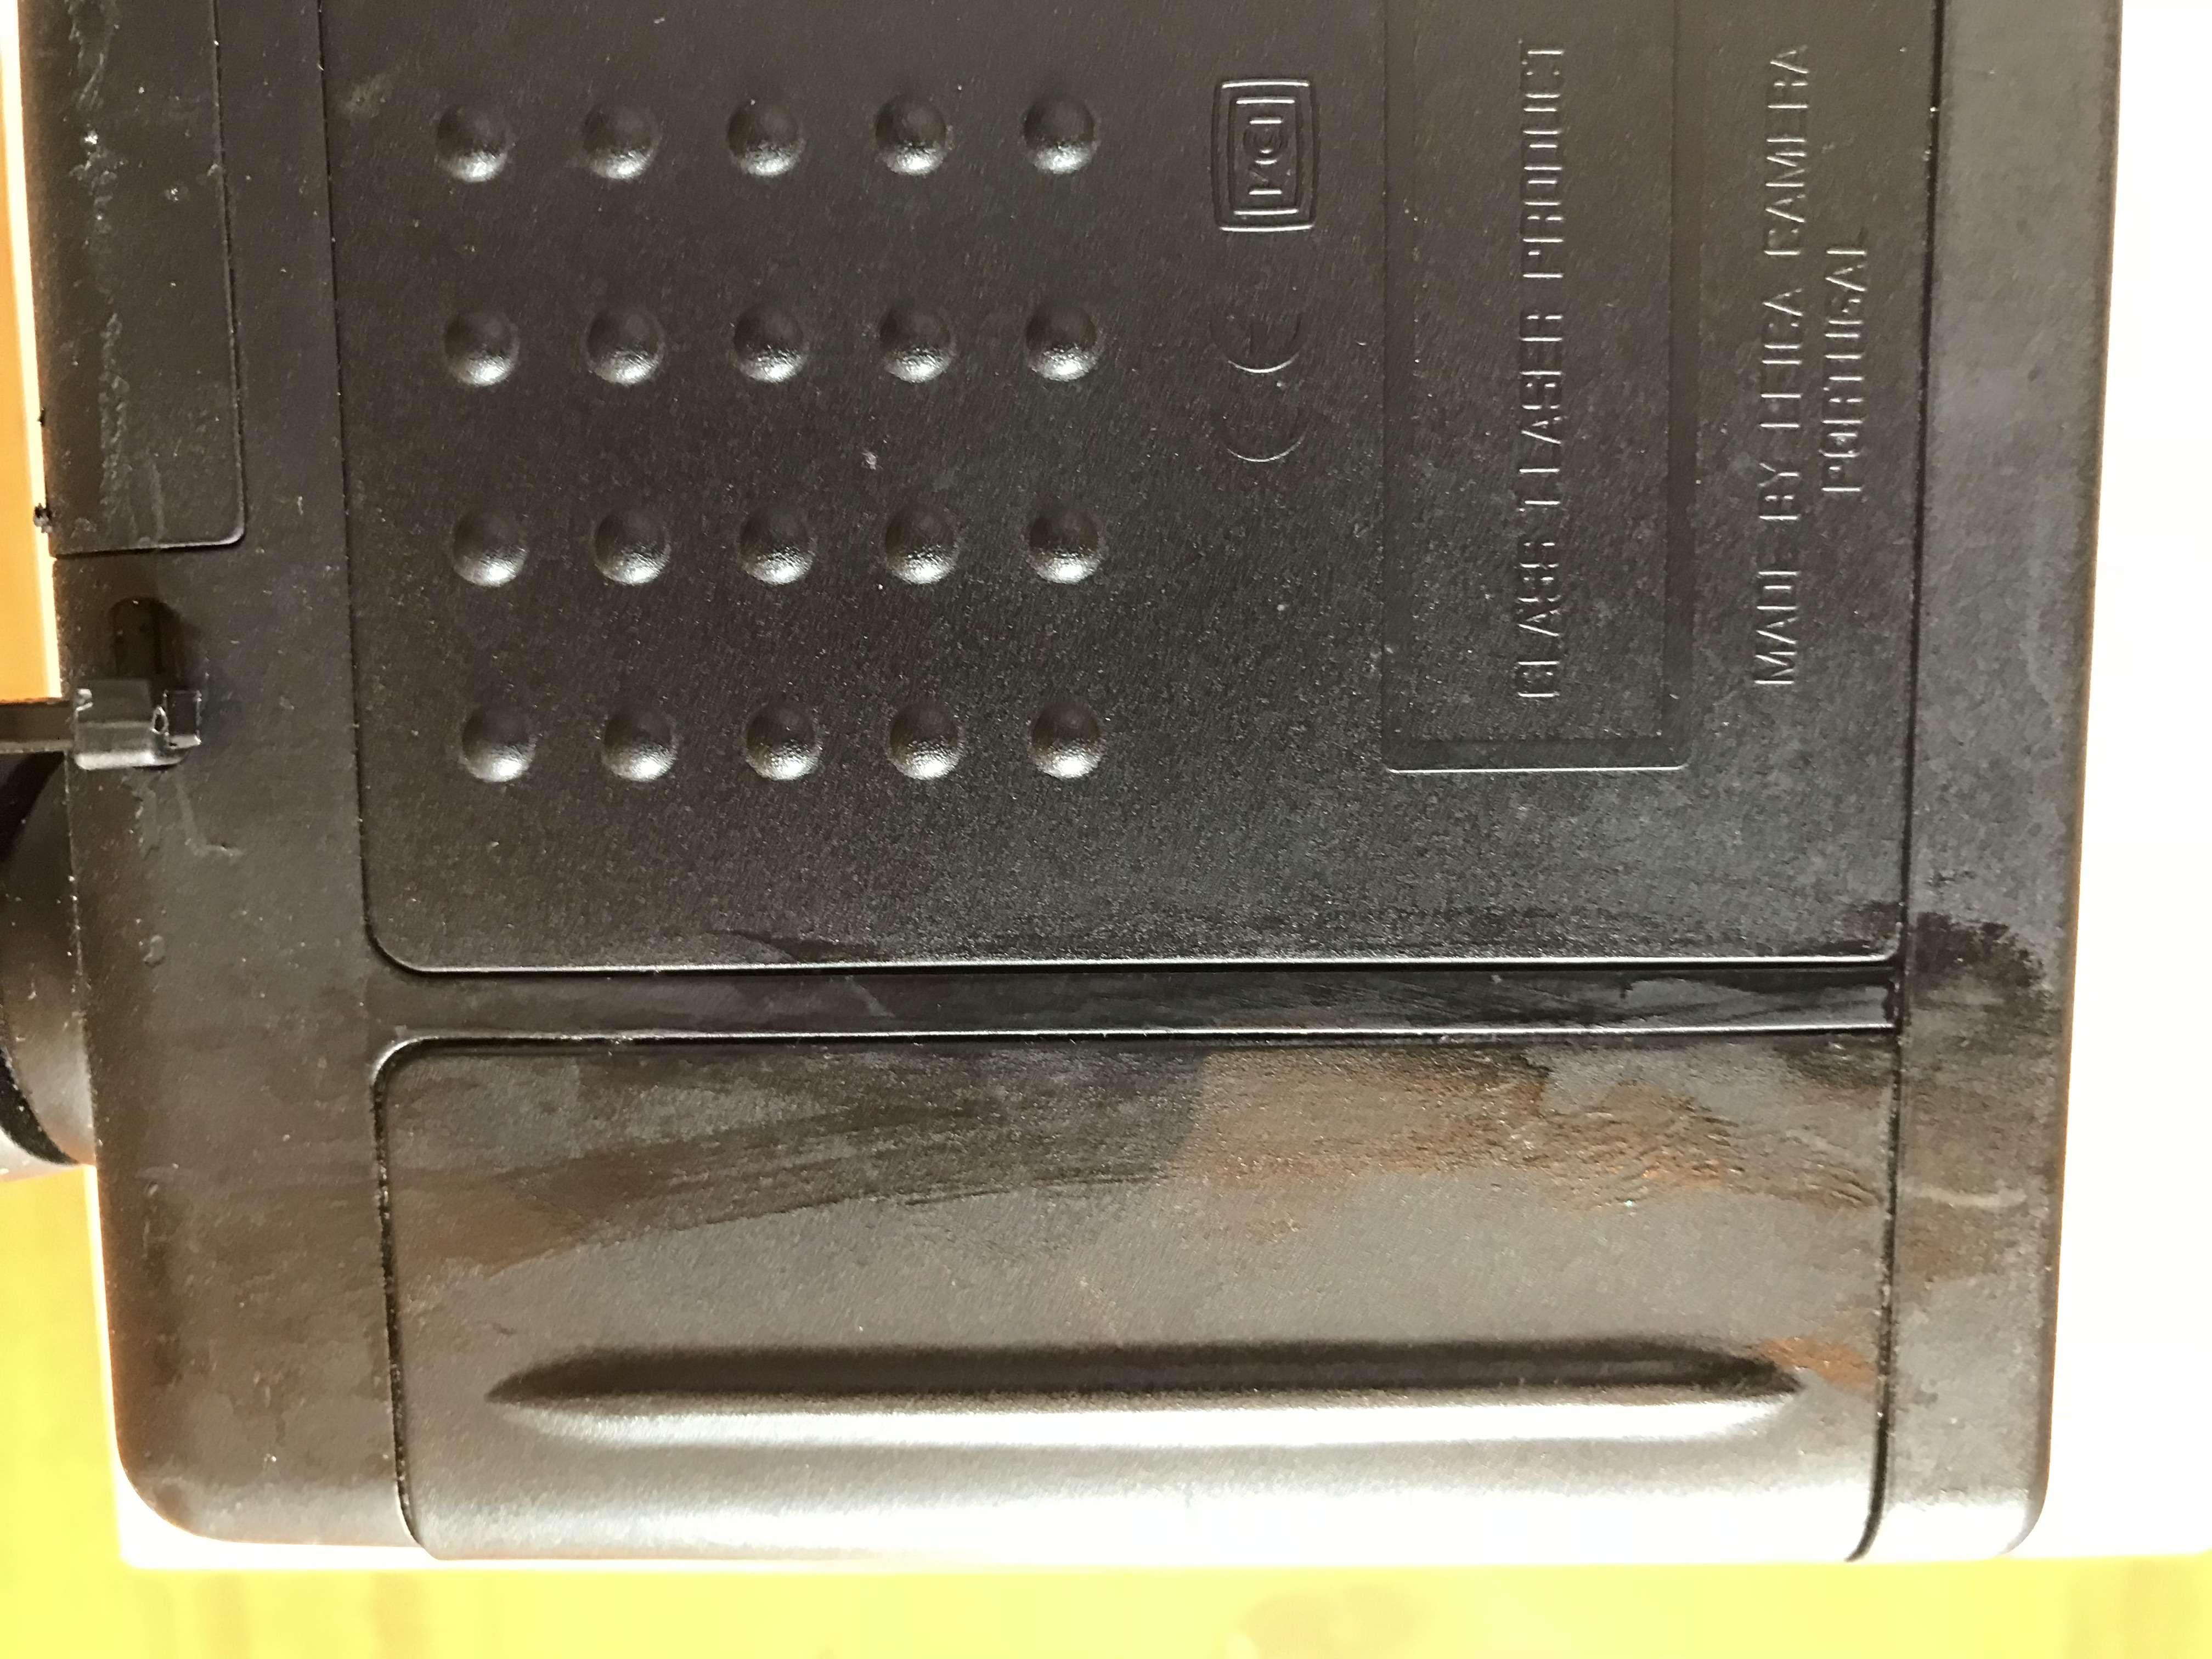 Leica Lrf 800 Rangemaster Entfernungsmesser : Leica lrf hourcampfire